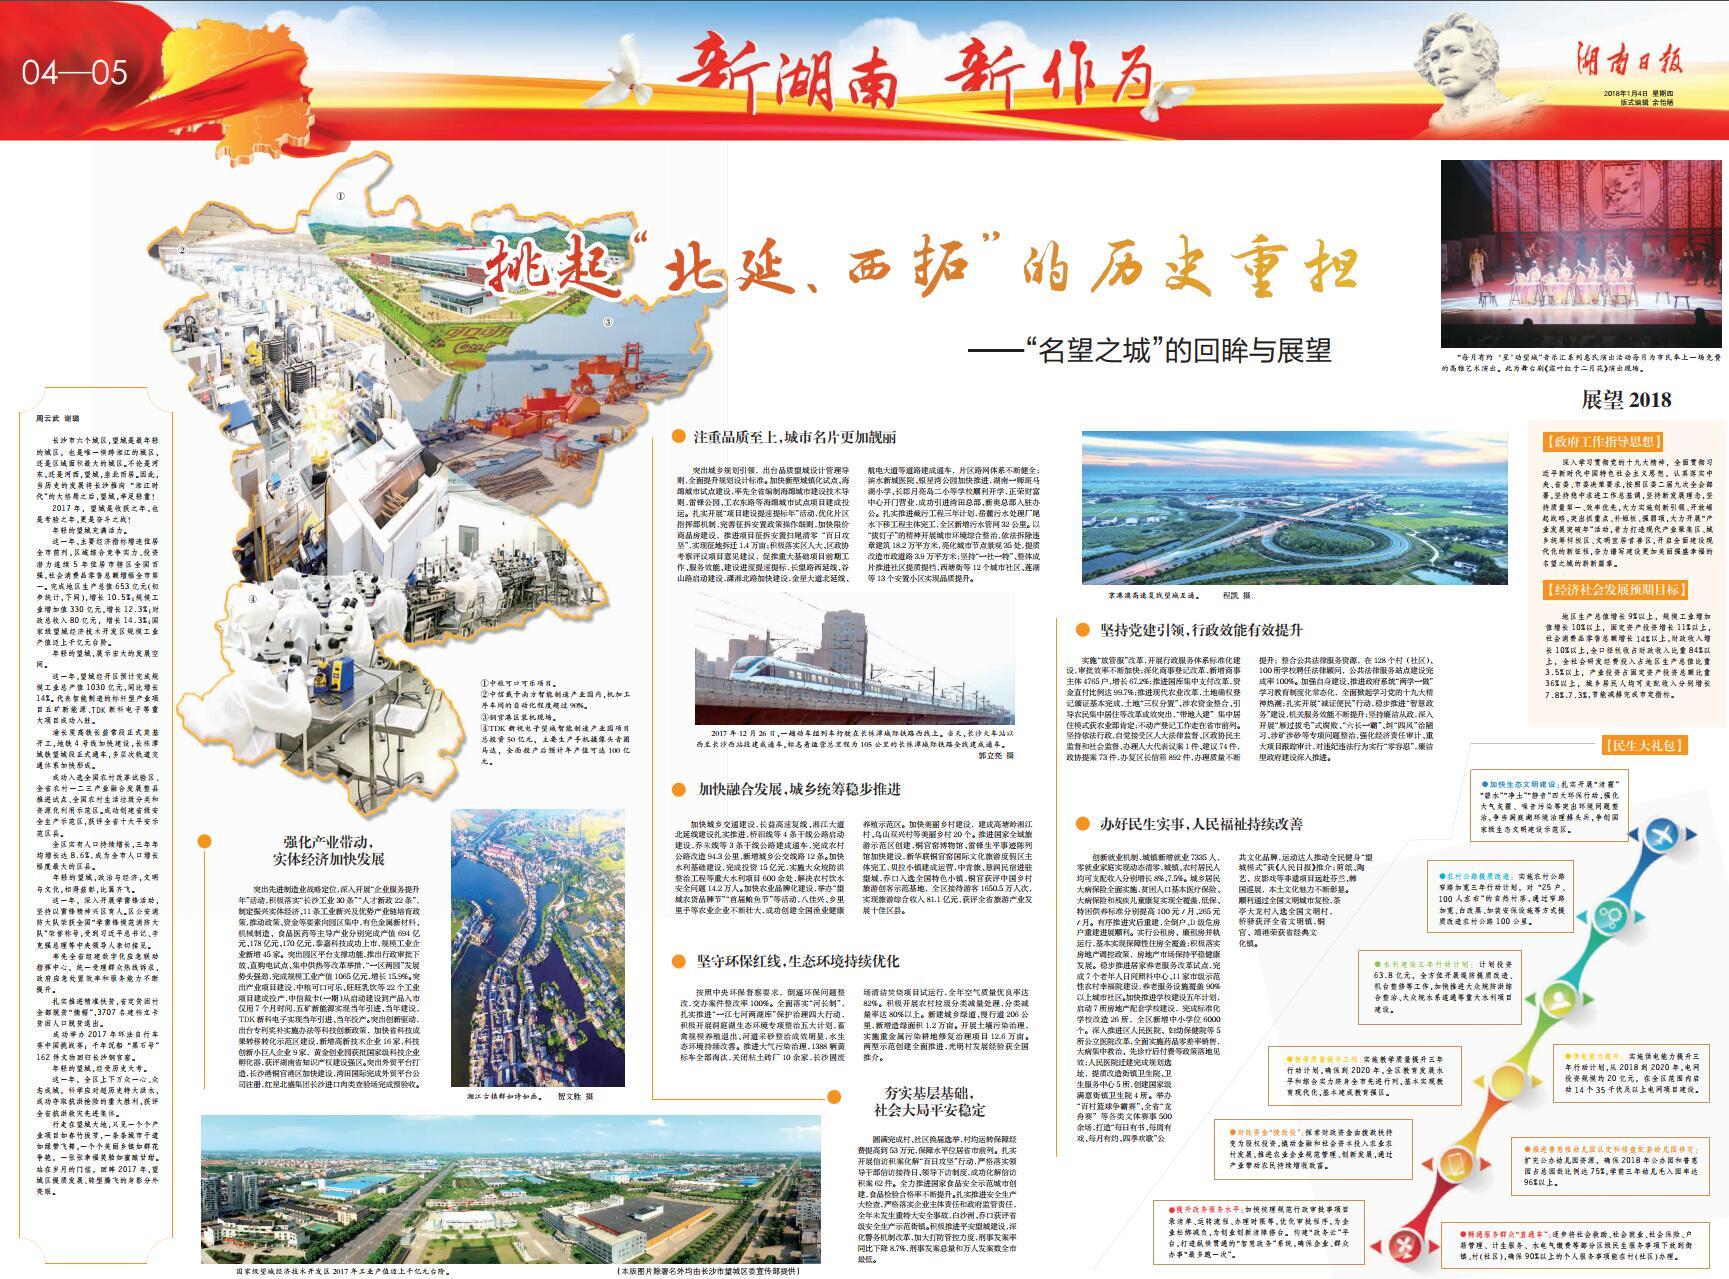 """[长沙] H5丨挑起""""北延、西拓""""的历史重担——""""名望之城""""的回望与展望 新湖南www.hunanabc.com"""